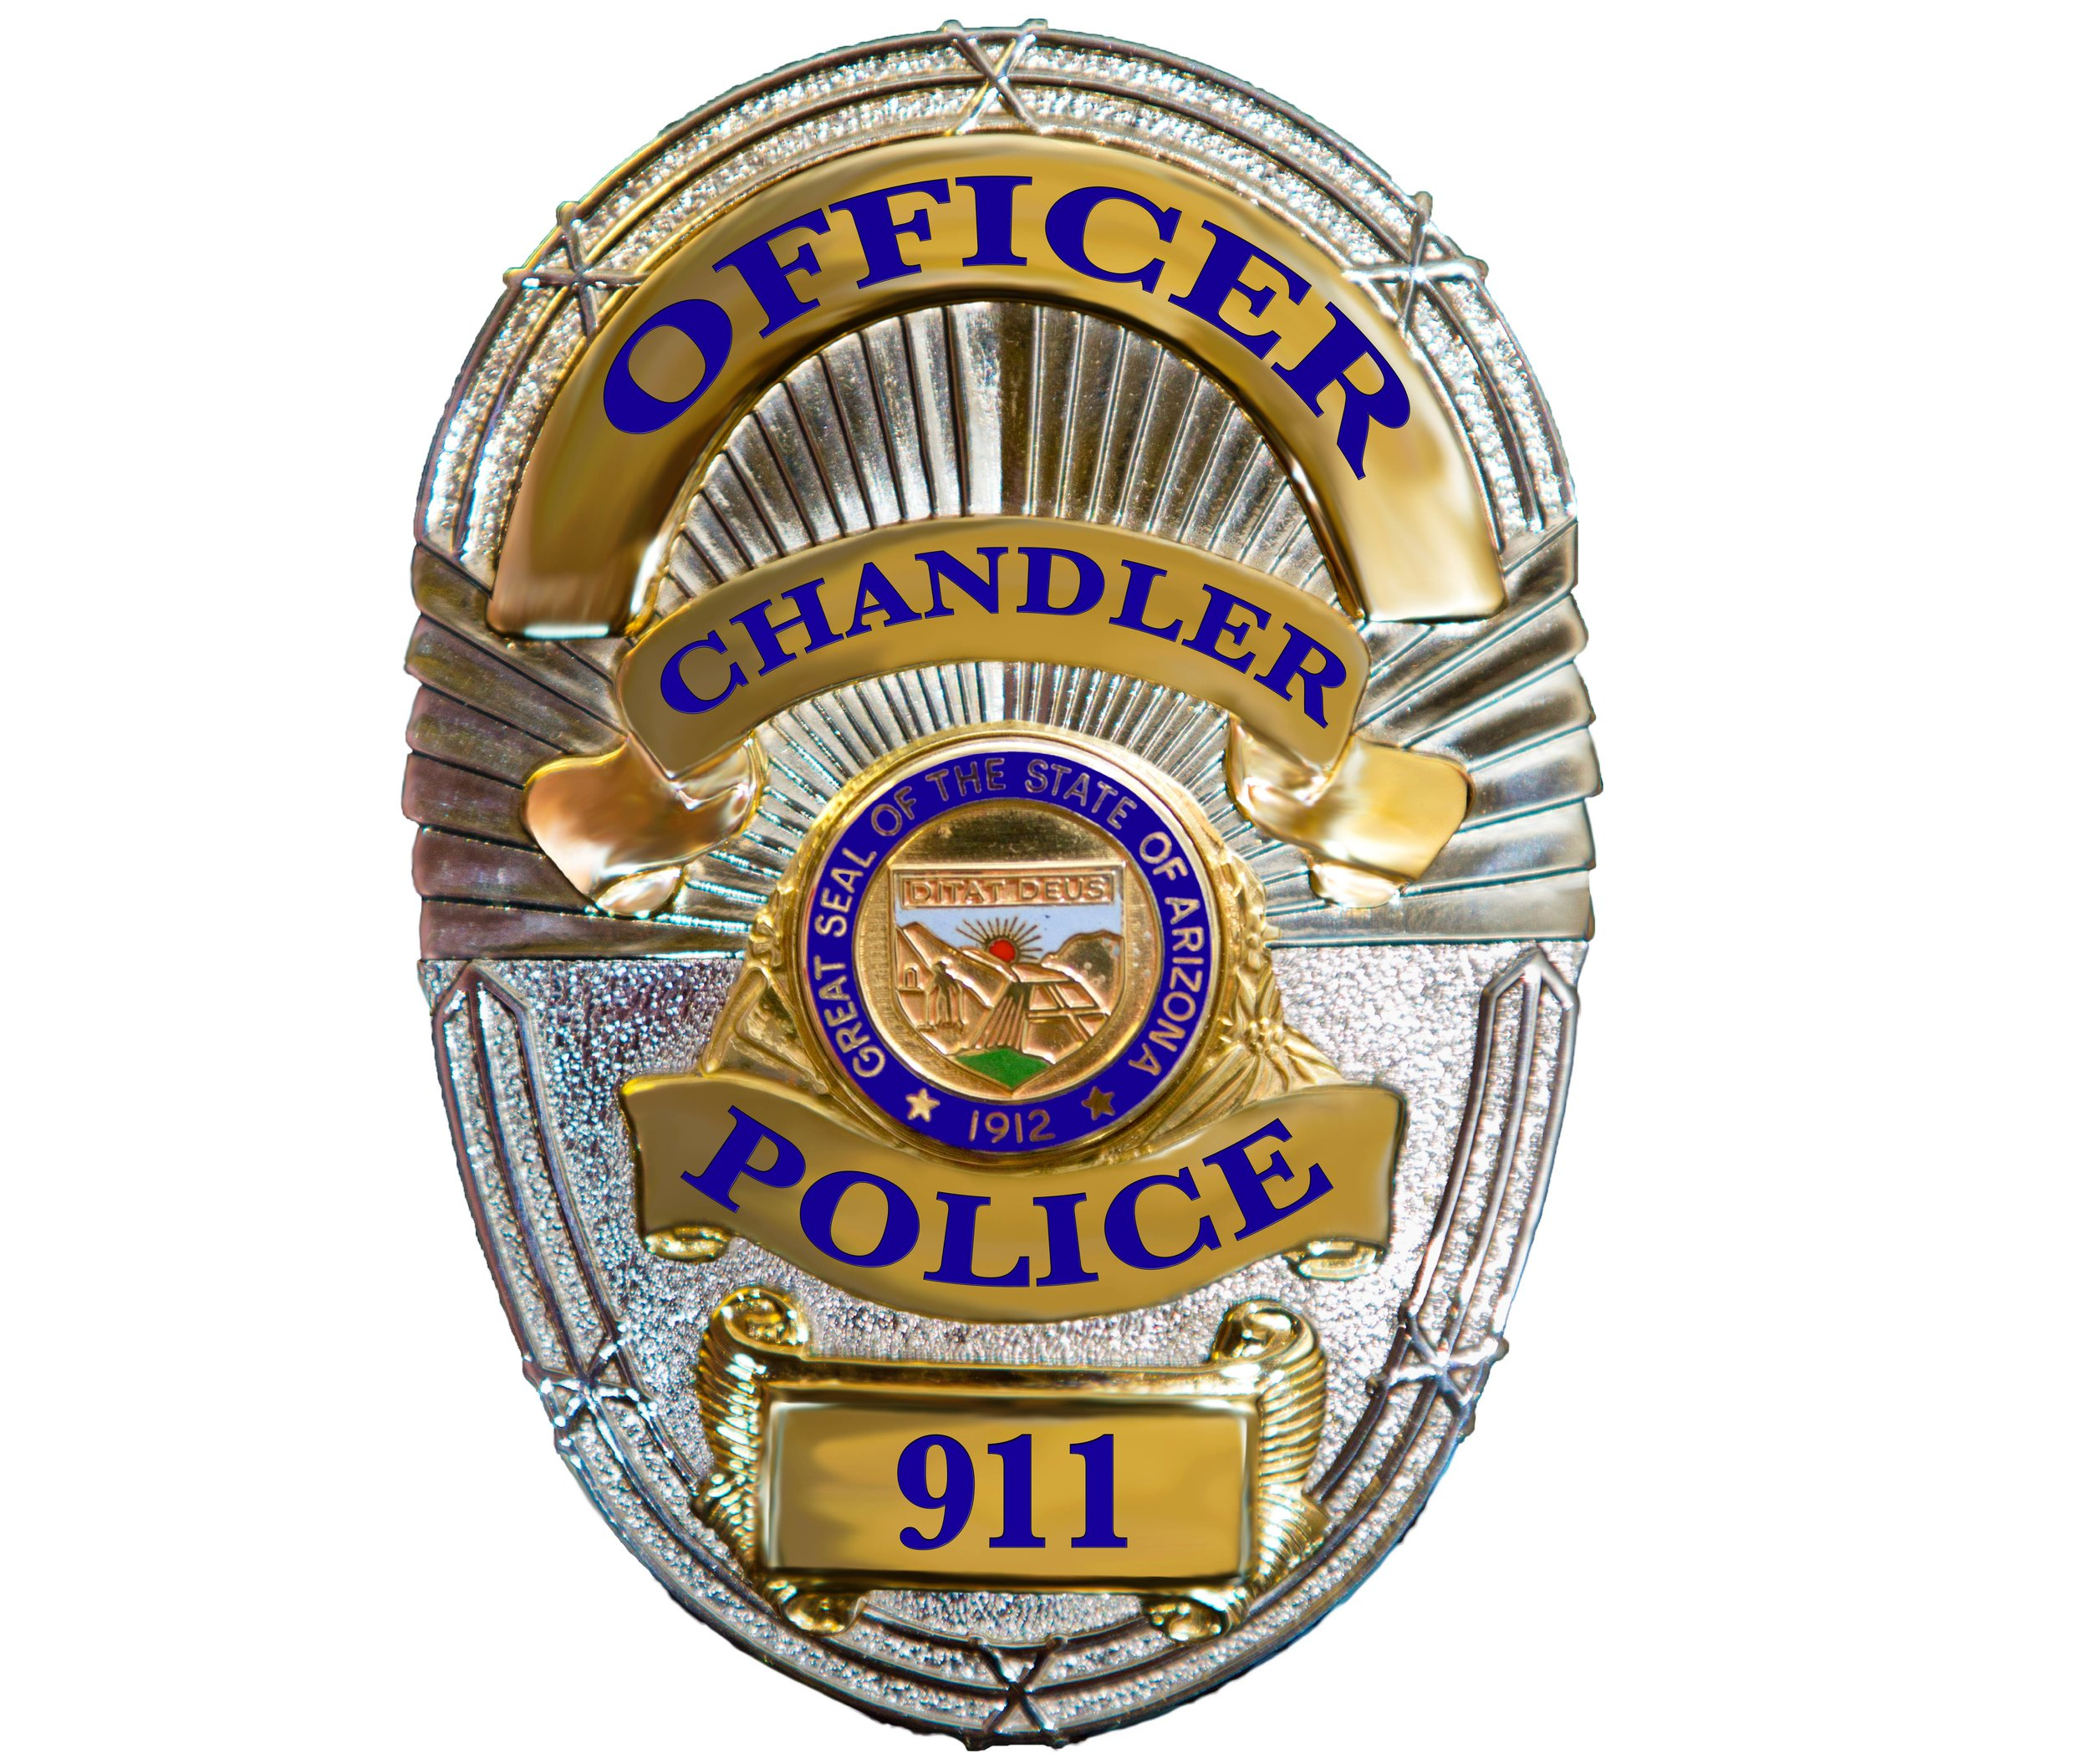 2014_Officer_911_Baskerville.jpg